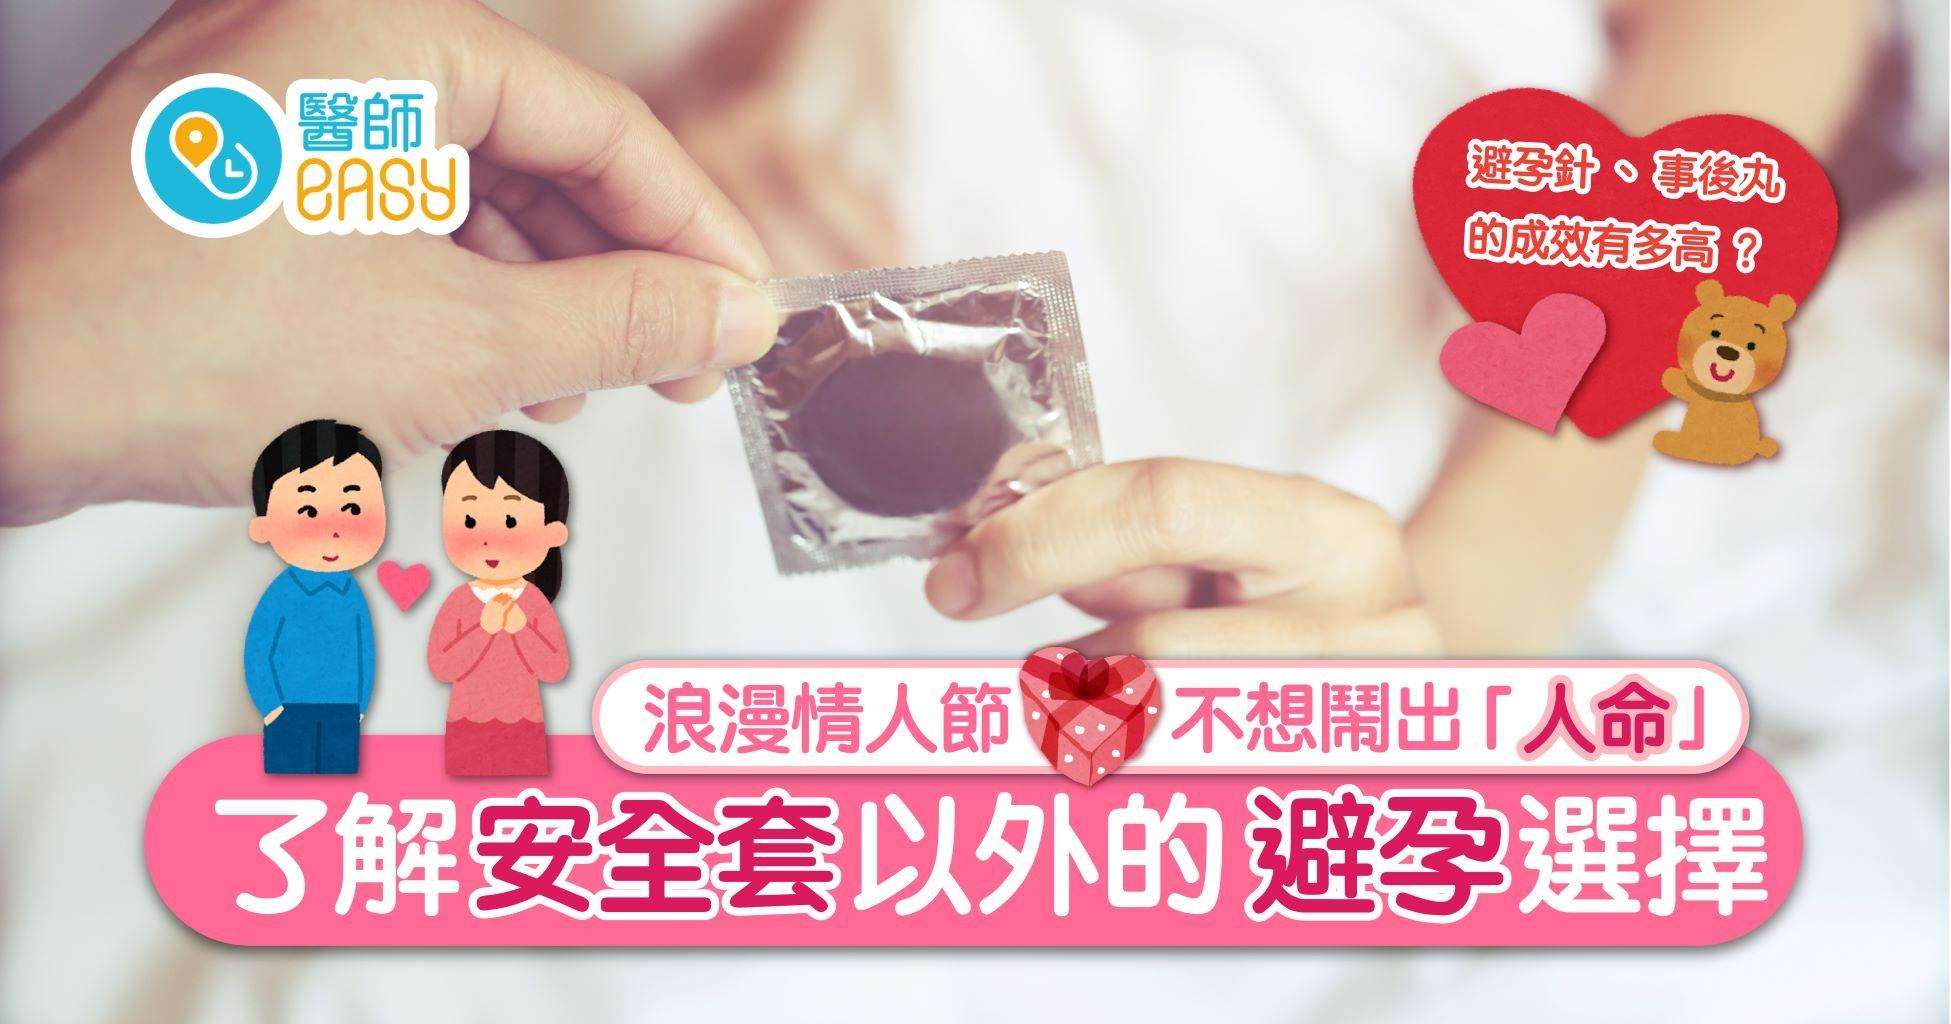 【浪漫情人節】避孕套以外的選擇 不可不知的避孕小知識